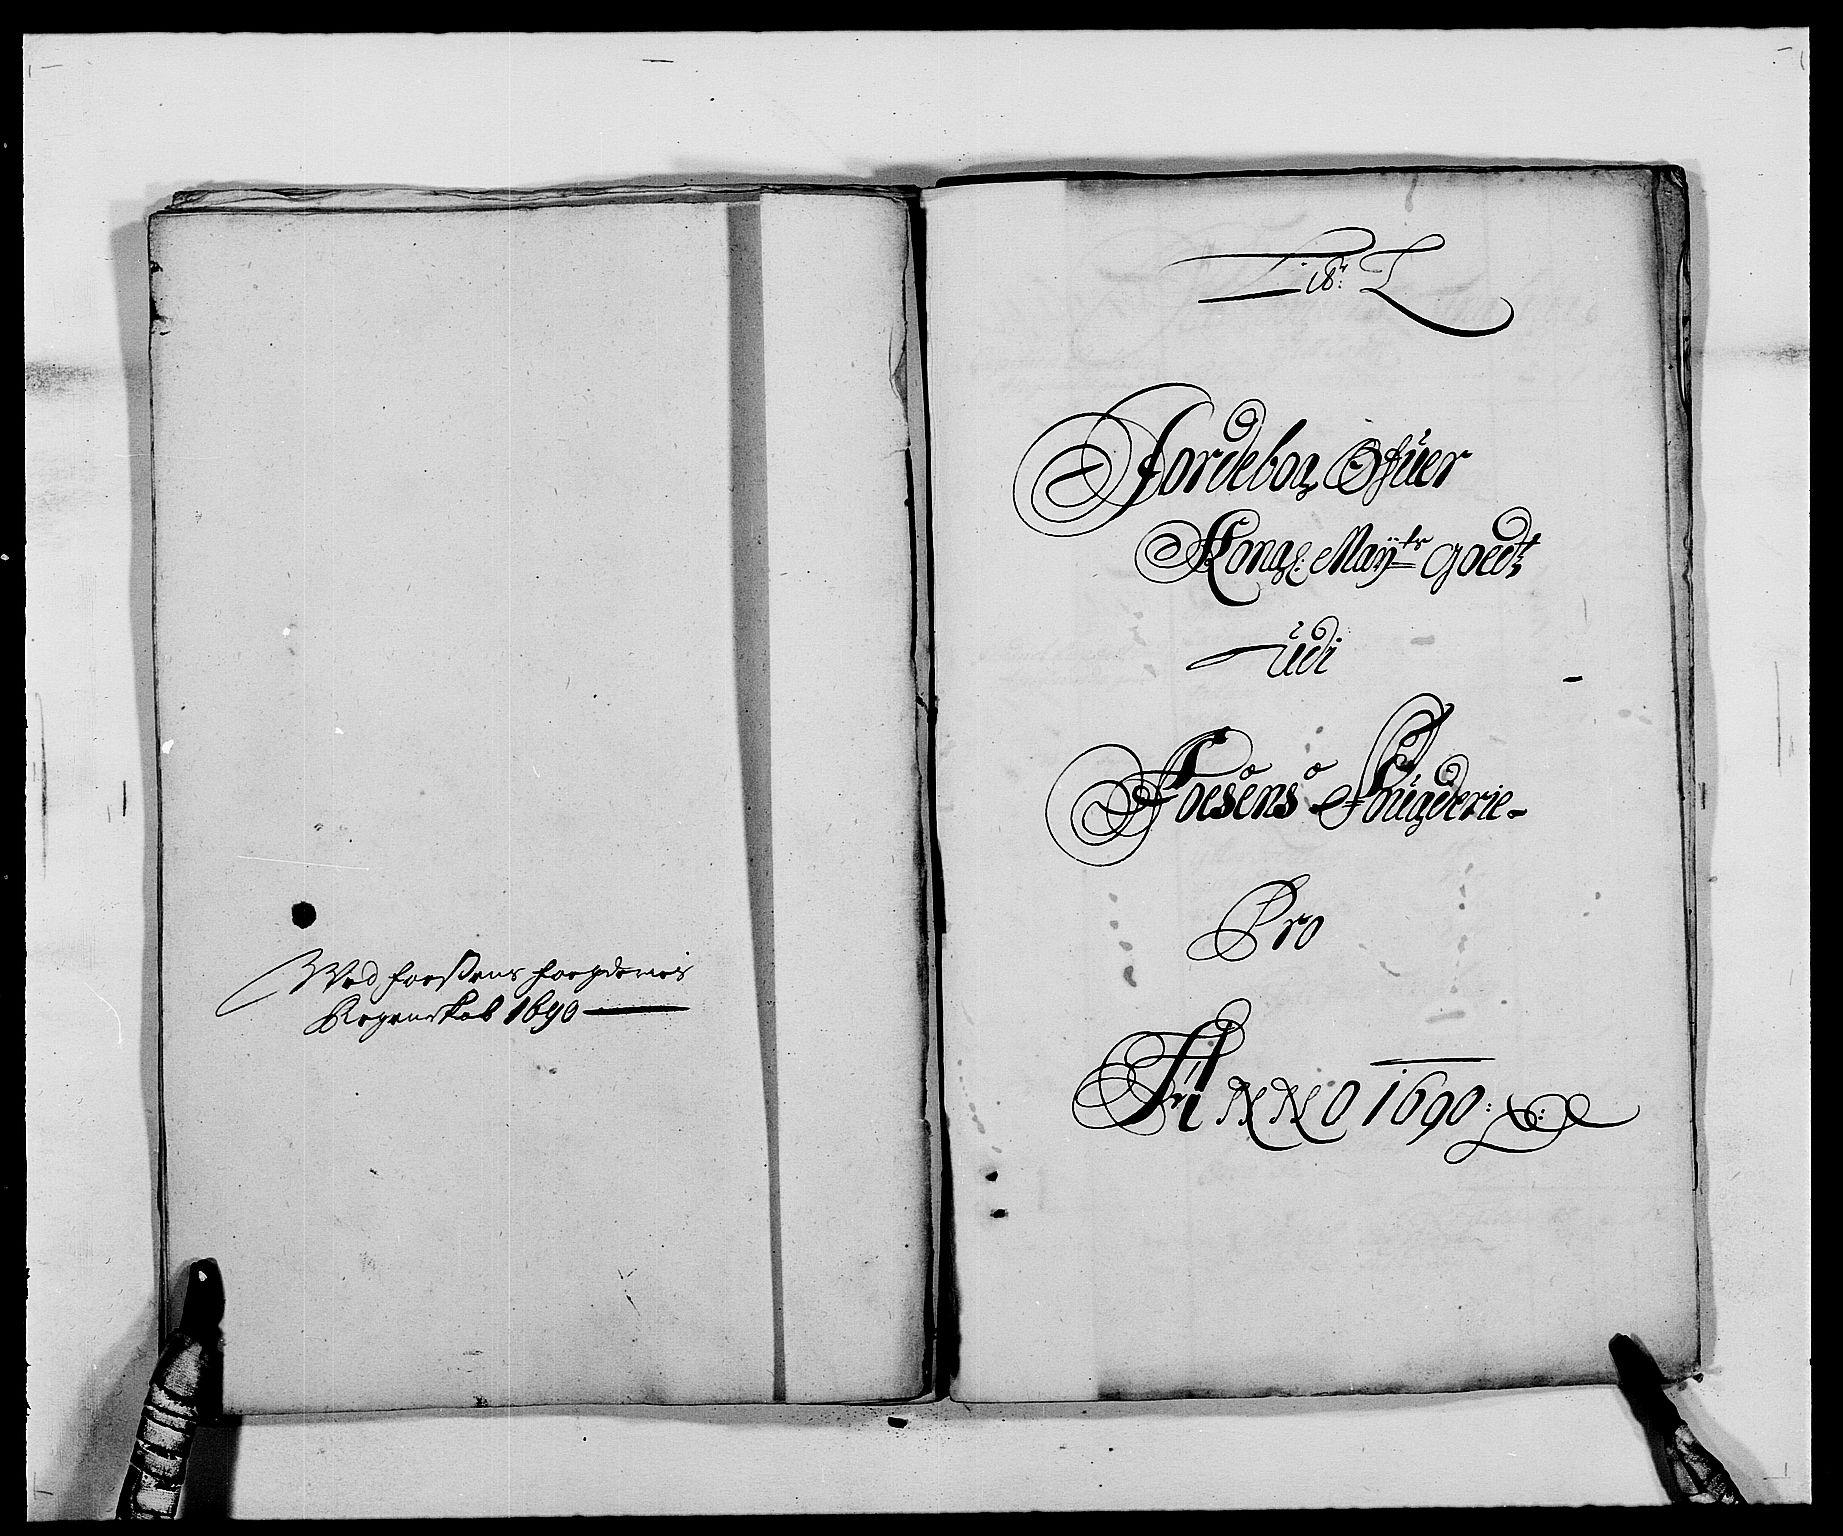 RA, Rentekammeret inntil 1814, Reviderte regnskaper, Fogderegnskap, R57/L3848: Fogderegnskap Fosen, 1690-1691, s. 159